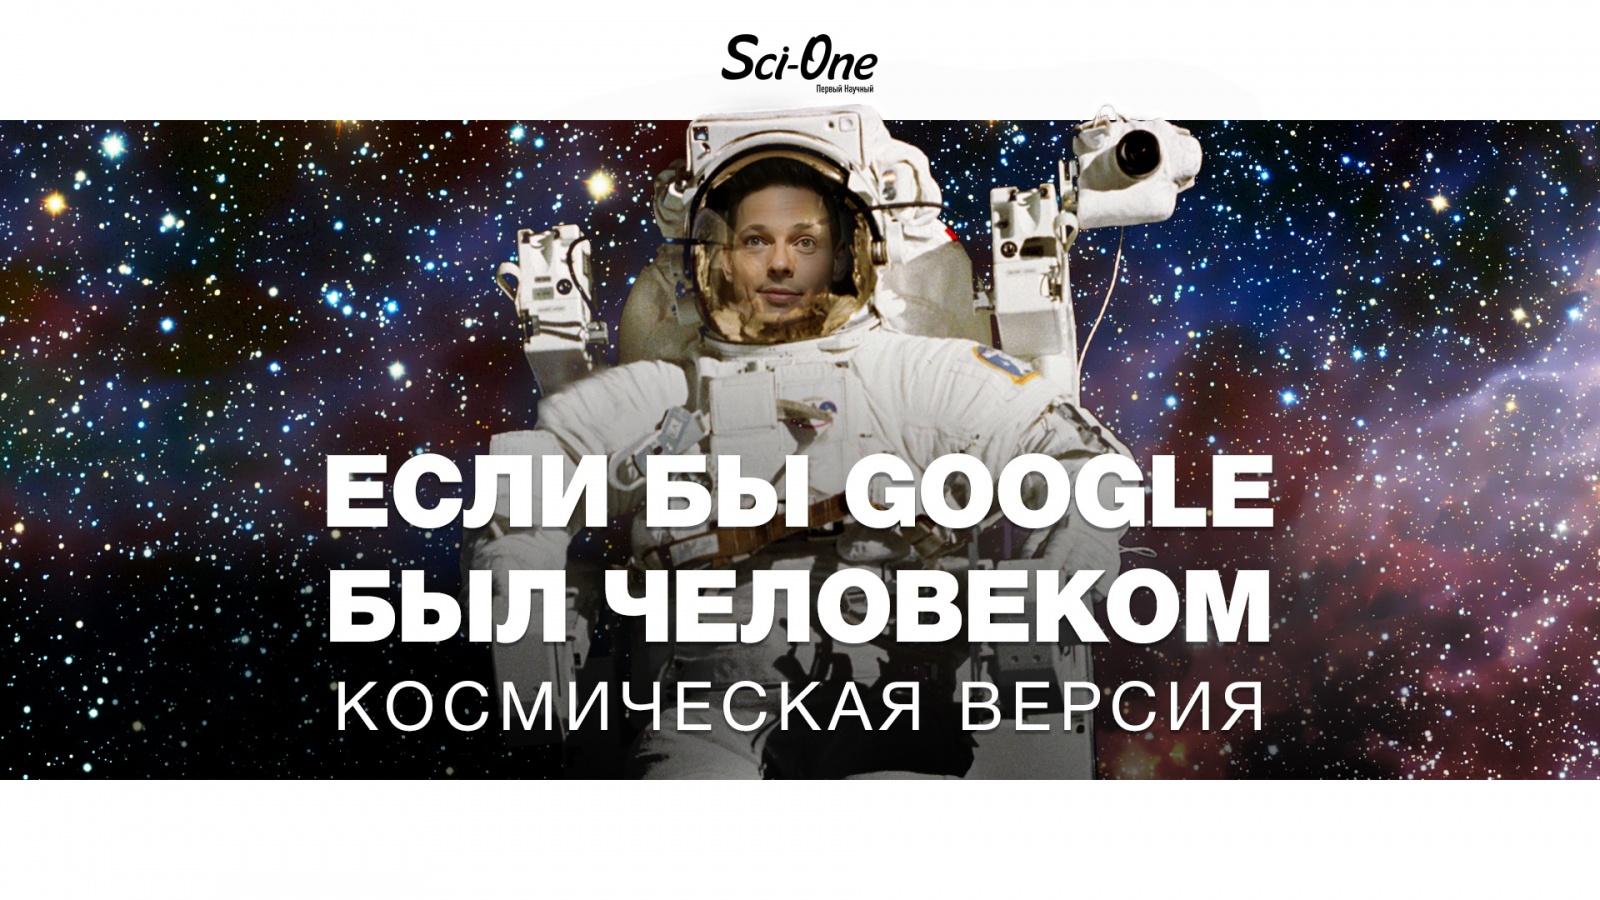 Если бы google был человеком [космическая версия] - 1